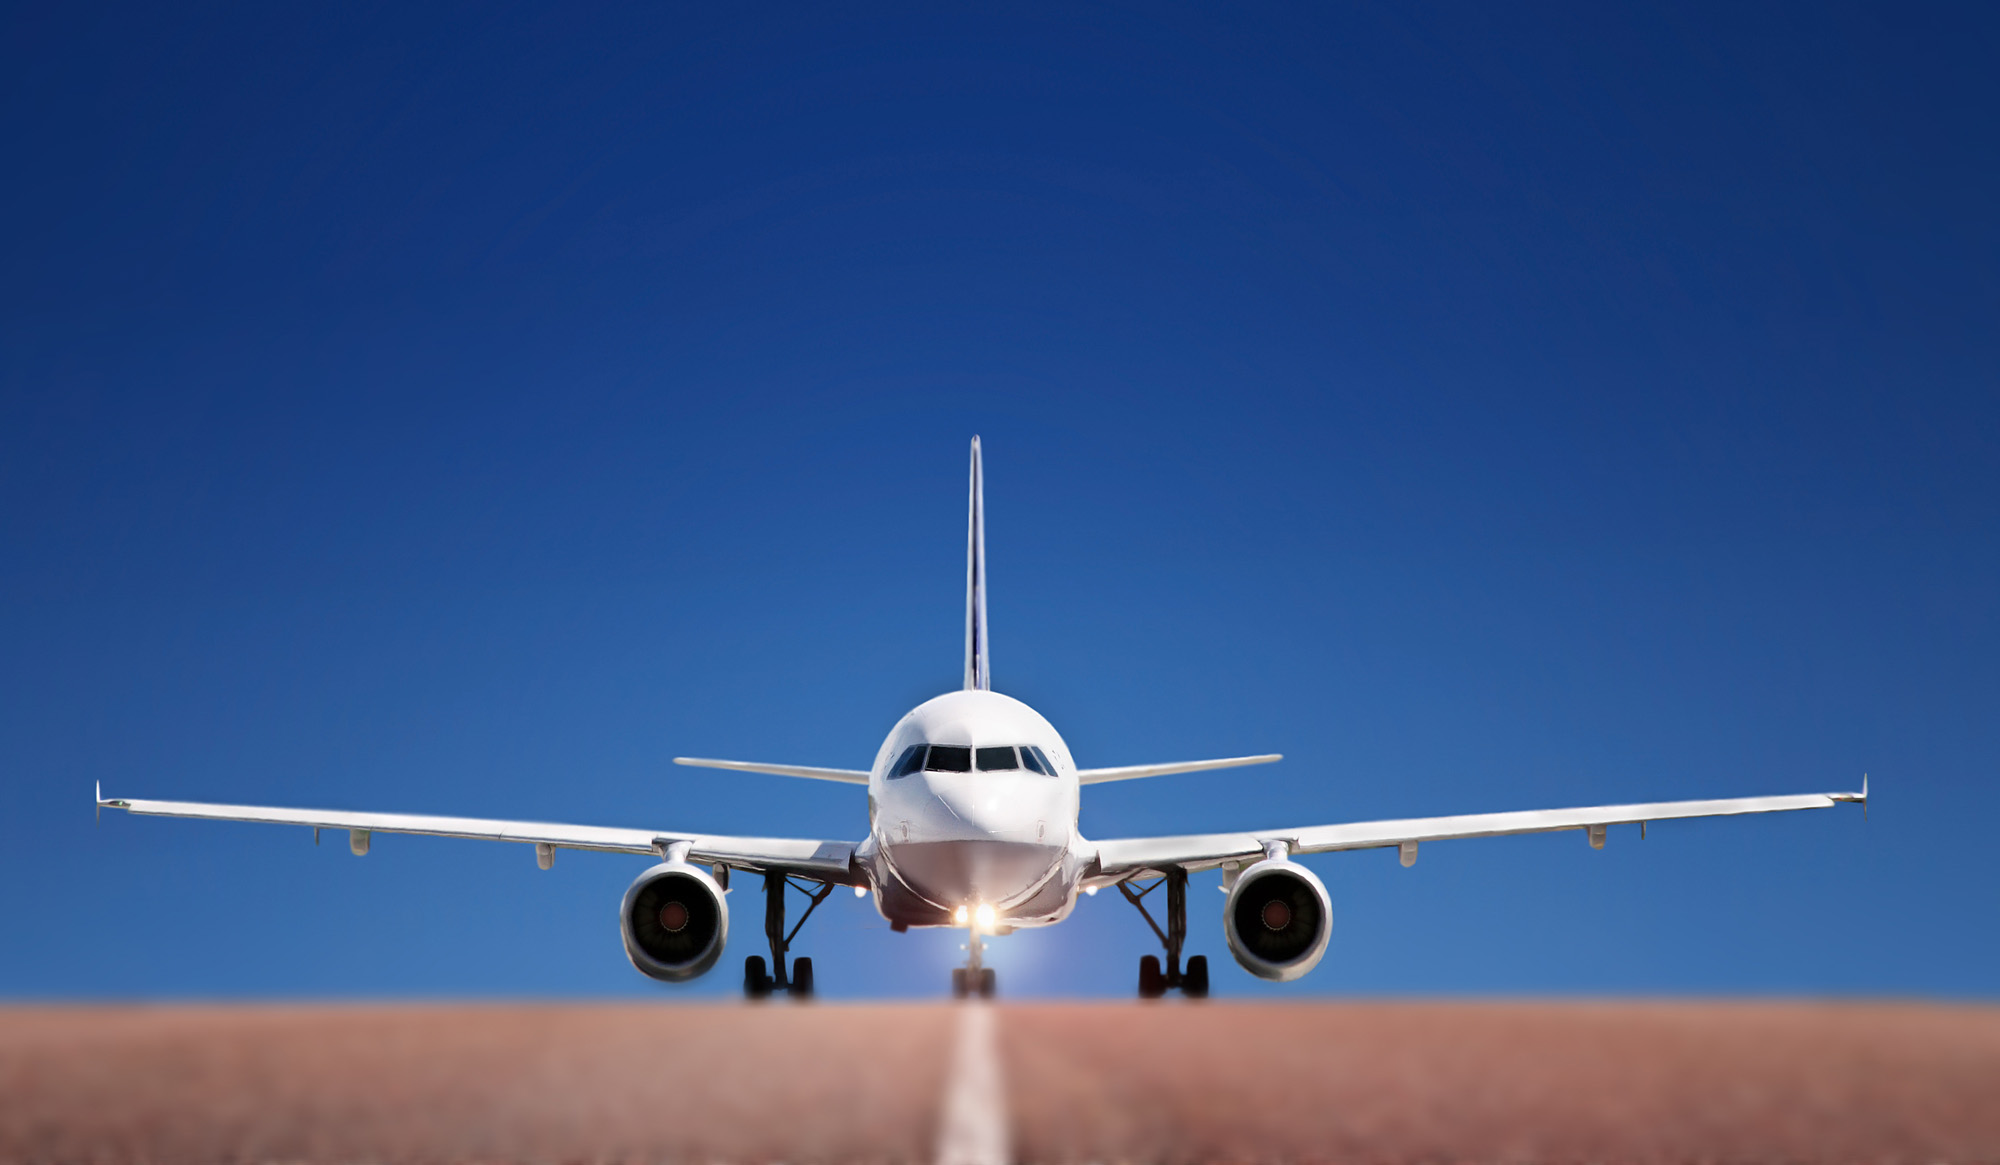 据中国民航调查显示,在未来5年内将新增2500架飞机,将有10万个工作